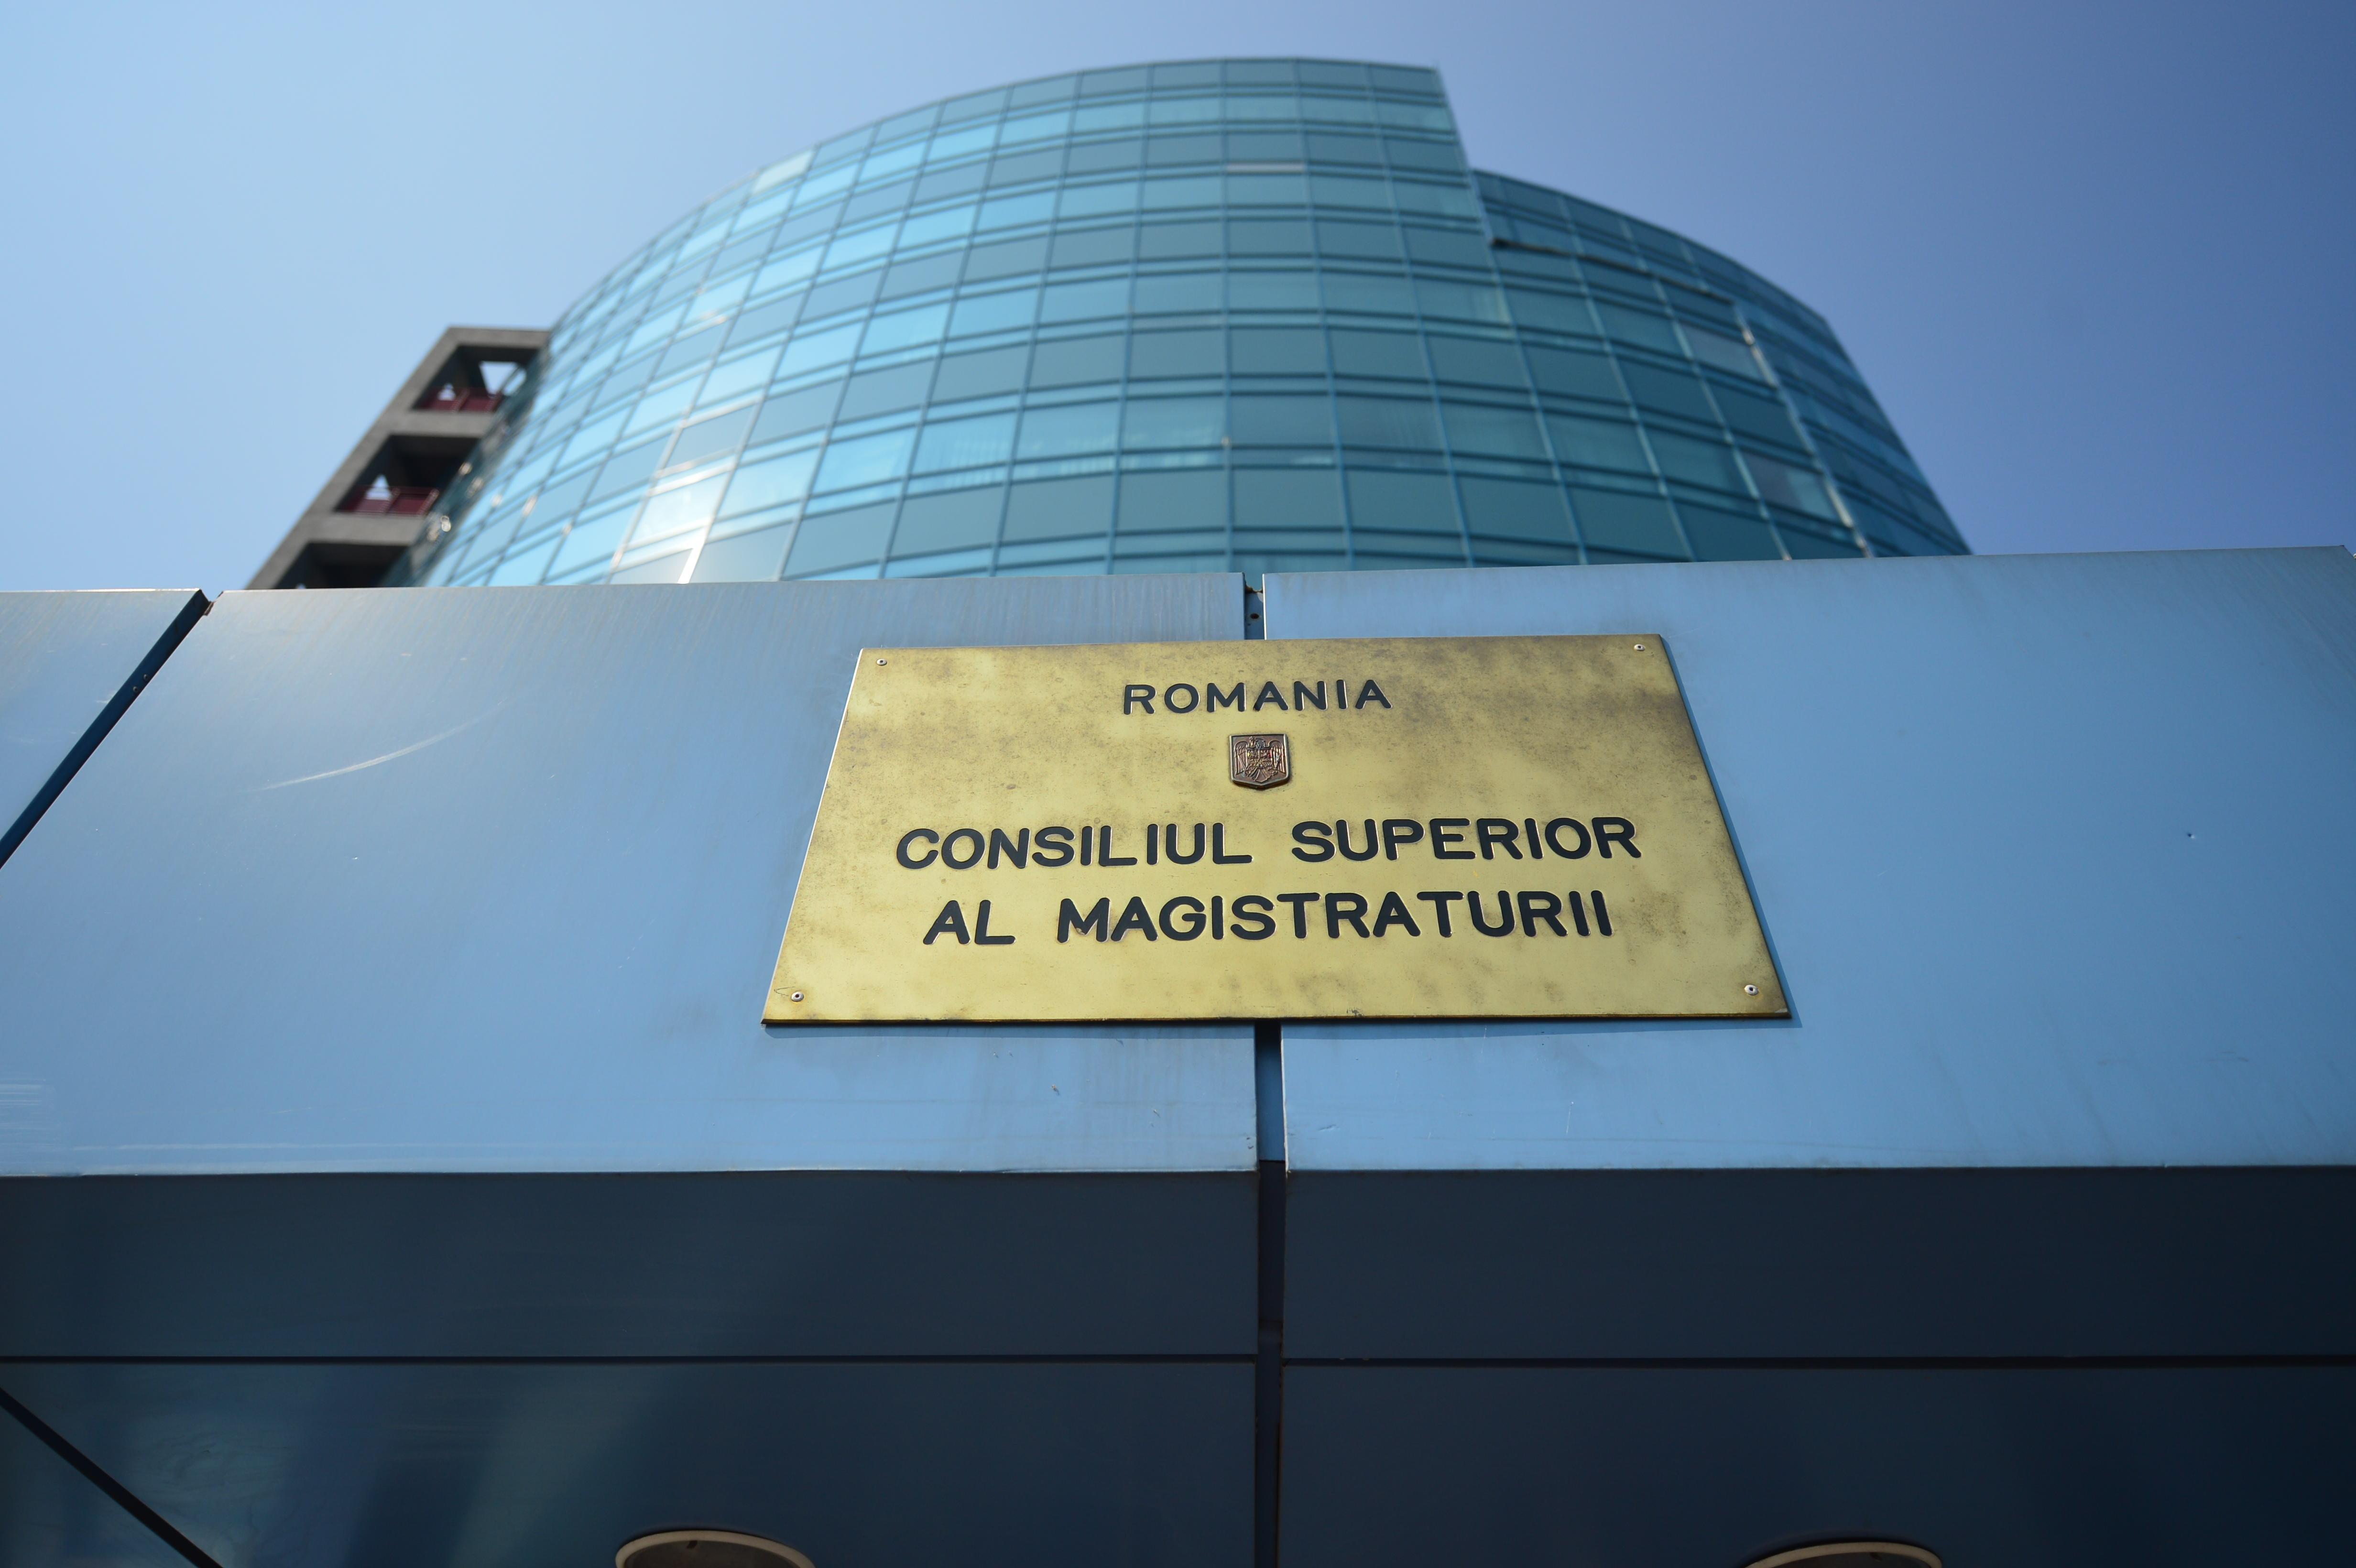 Inspecţia Judiciară, proces cu CSM. O decizie a consiliului, legată de modificarea regulamentului pentru recrutarea inspectorilor judiciari, suspendată. Instanţa sesizează CCR